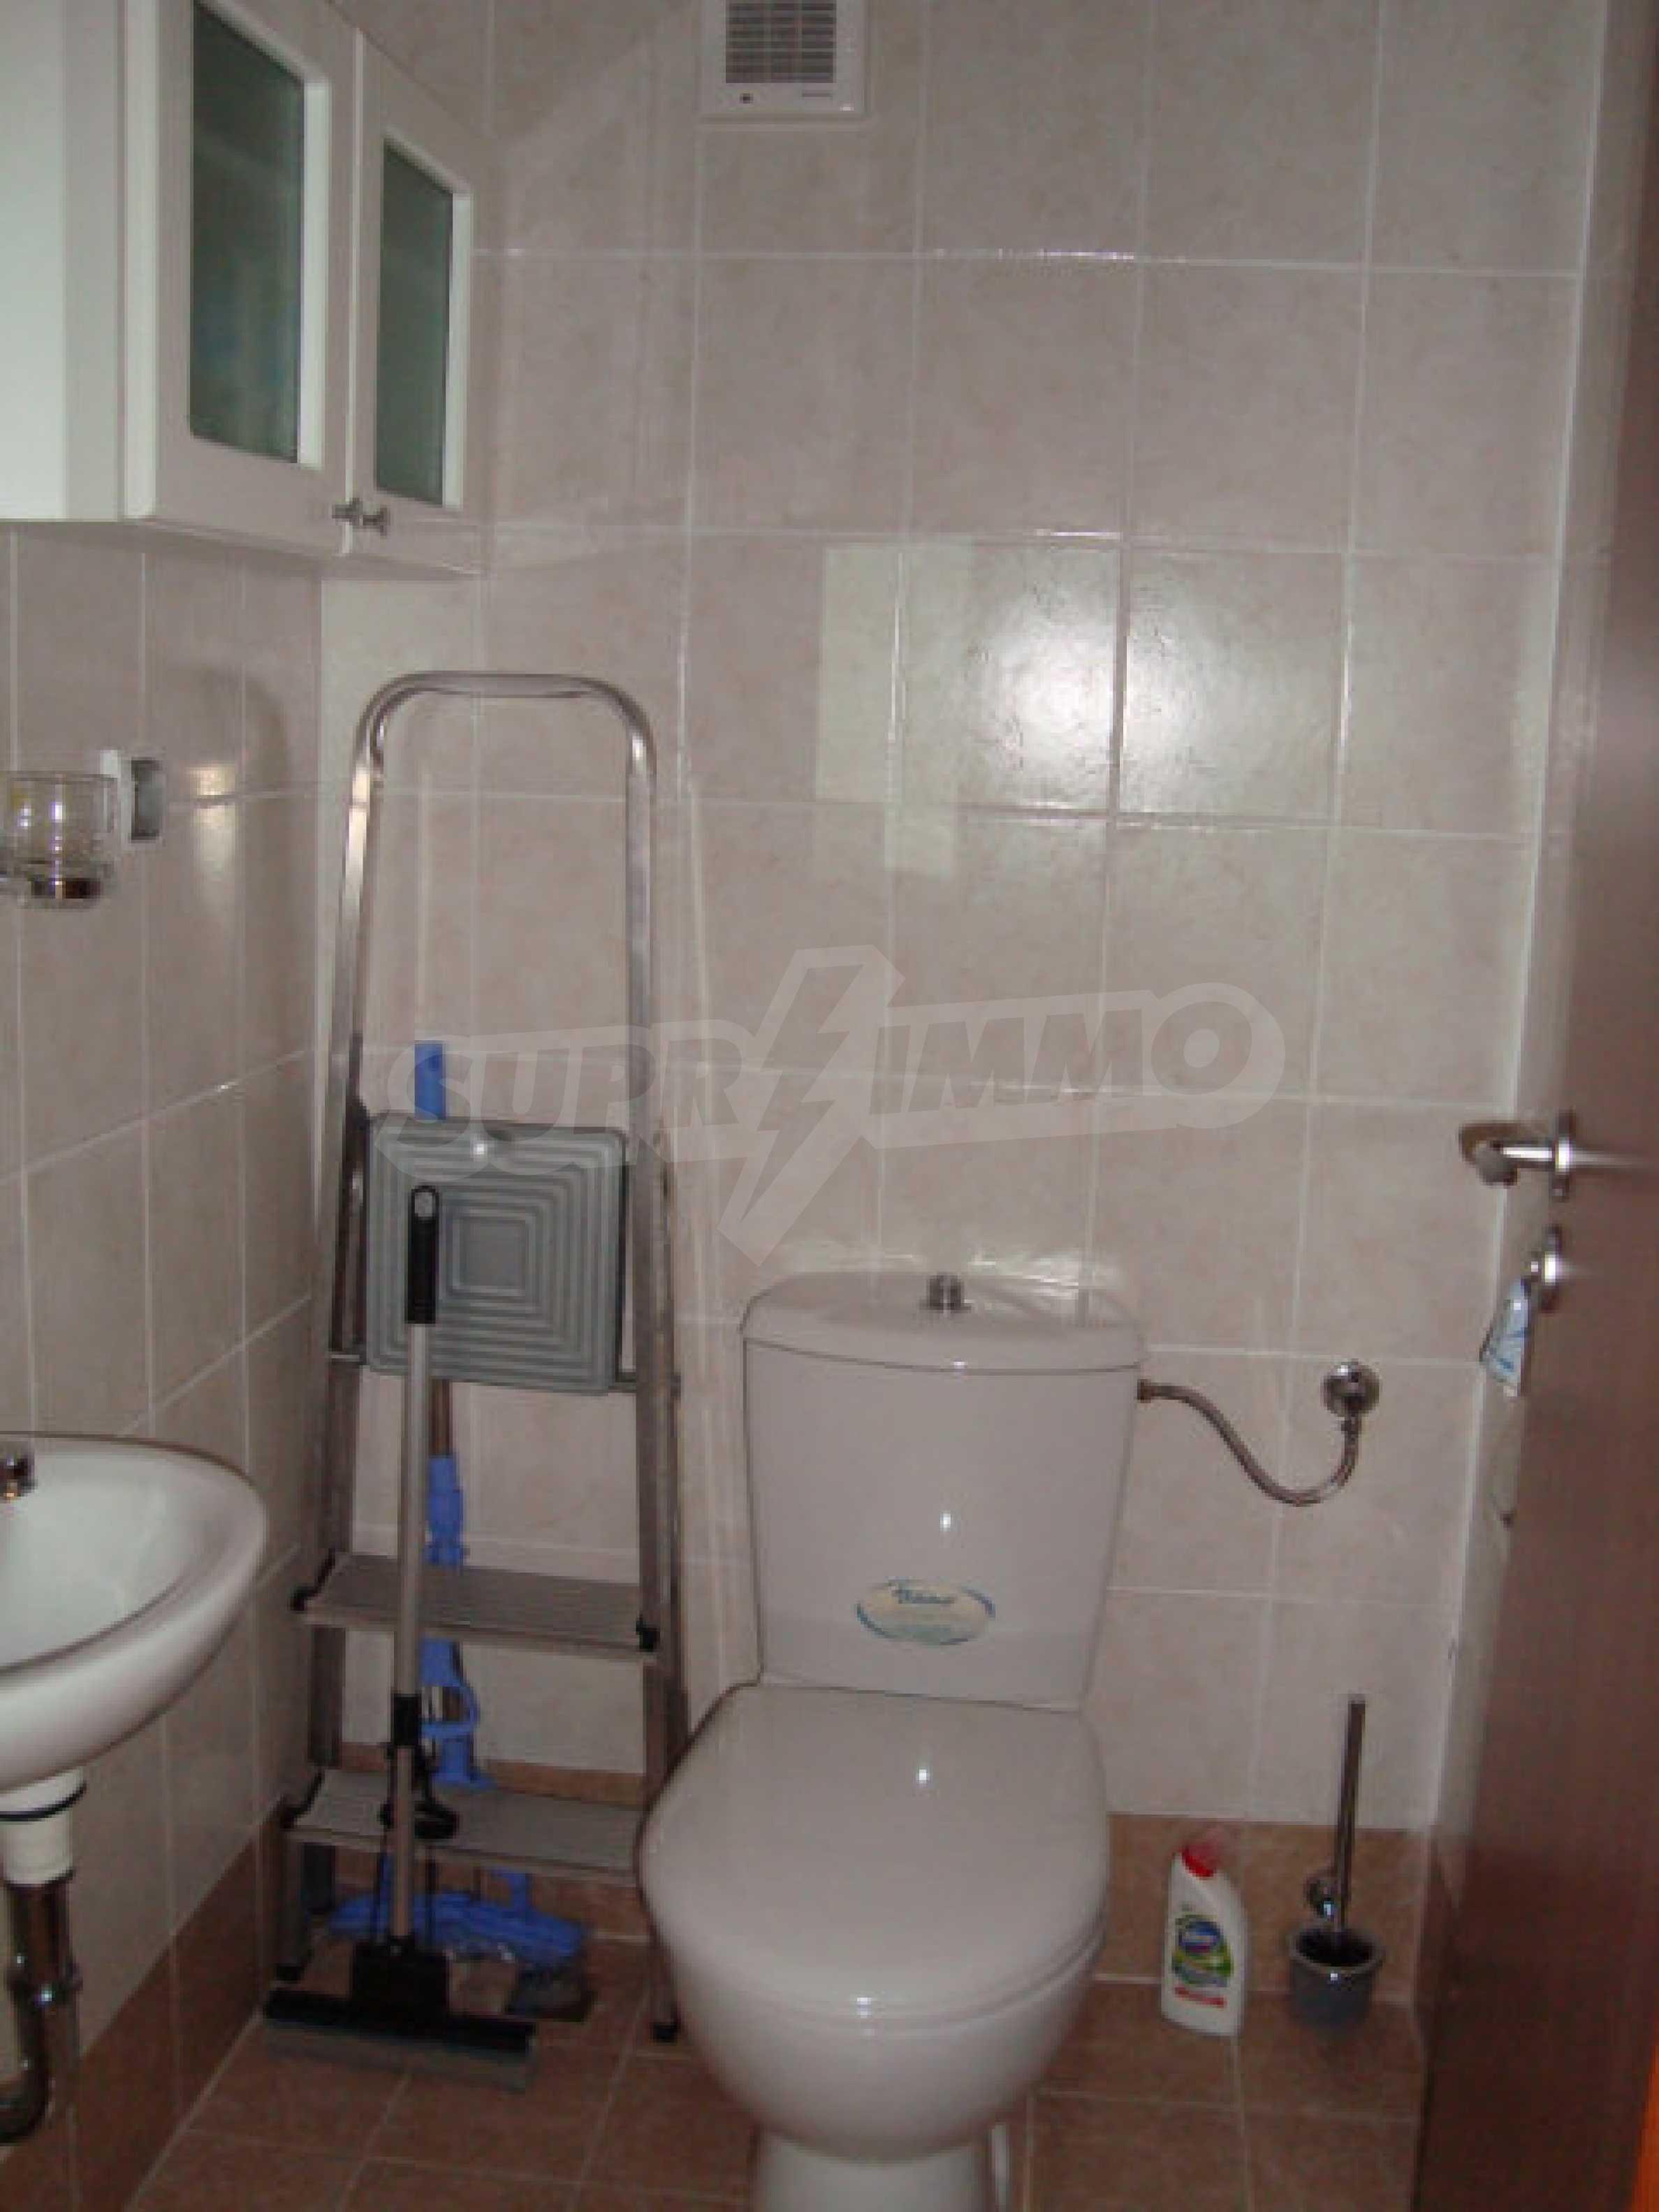 Zwei-Zimmer-Wohnung in Saint Nicholas Komplex in Chernomorets 13